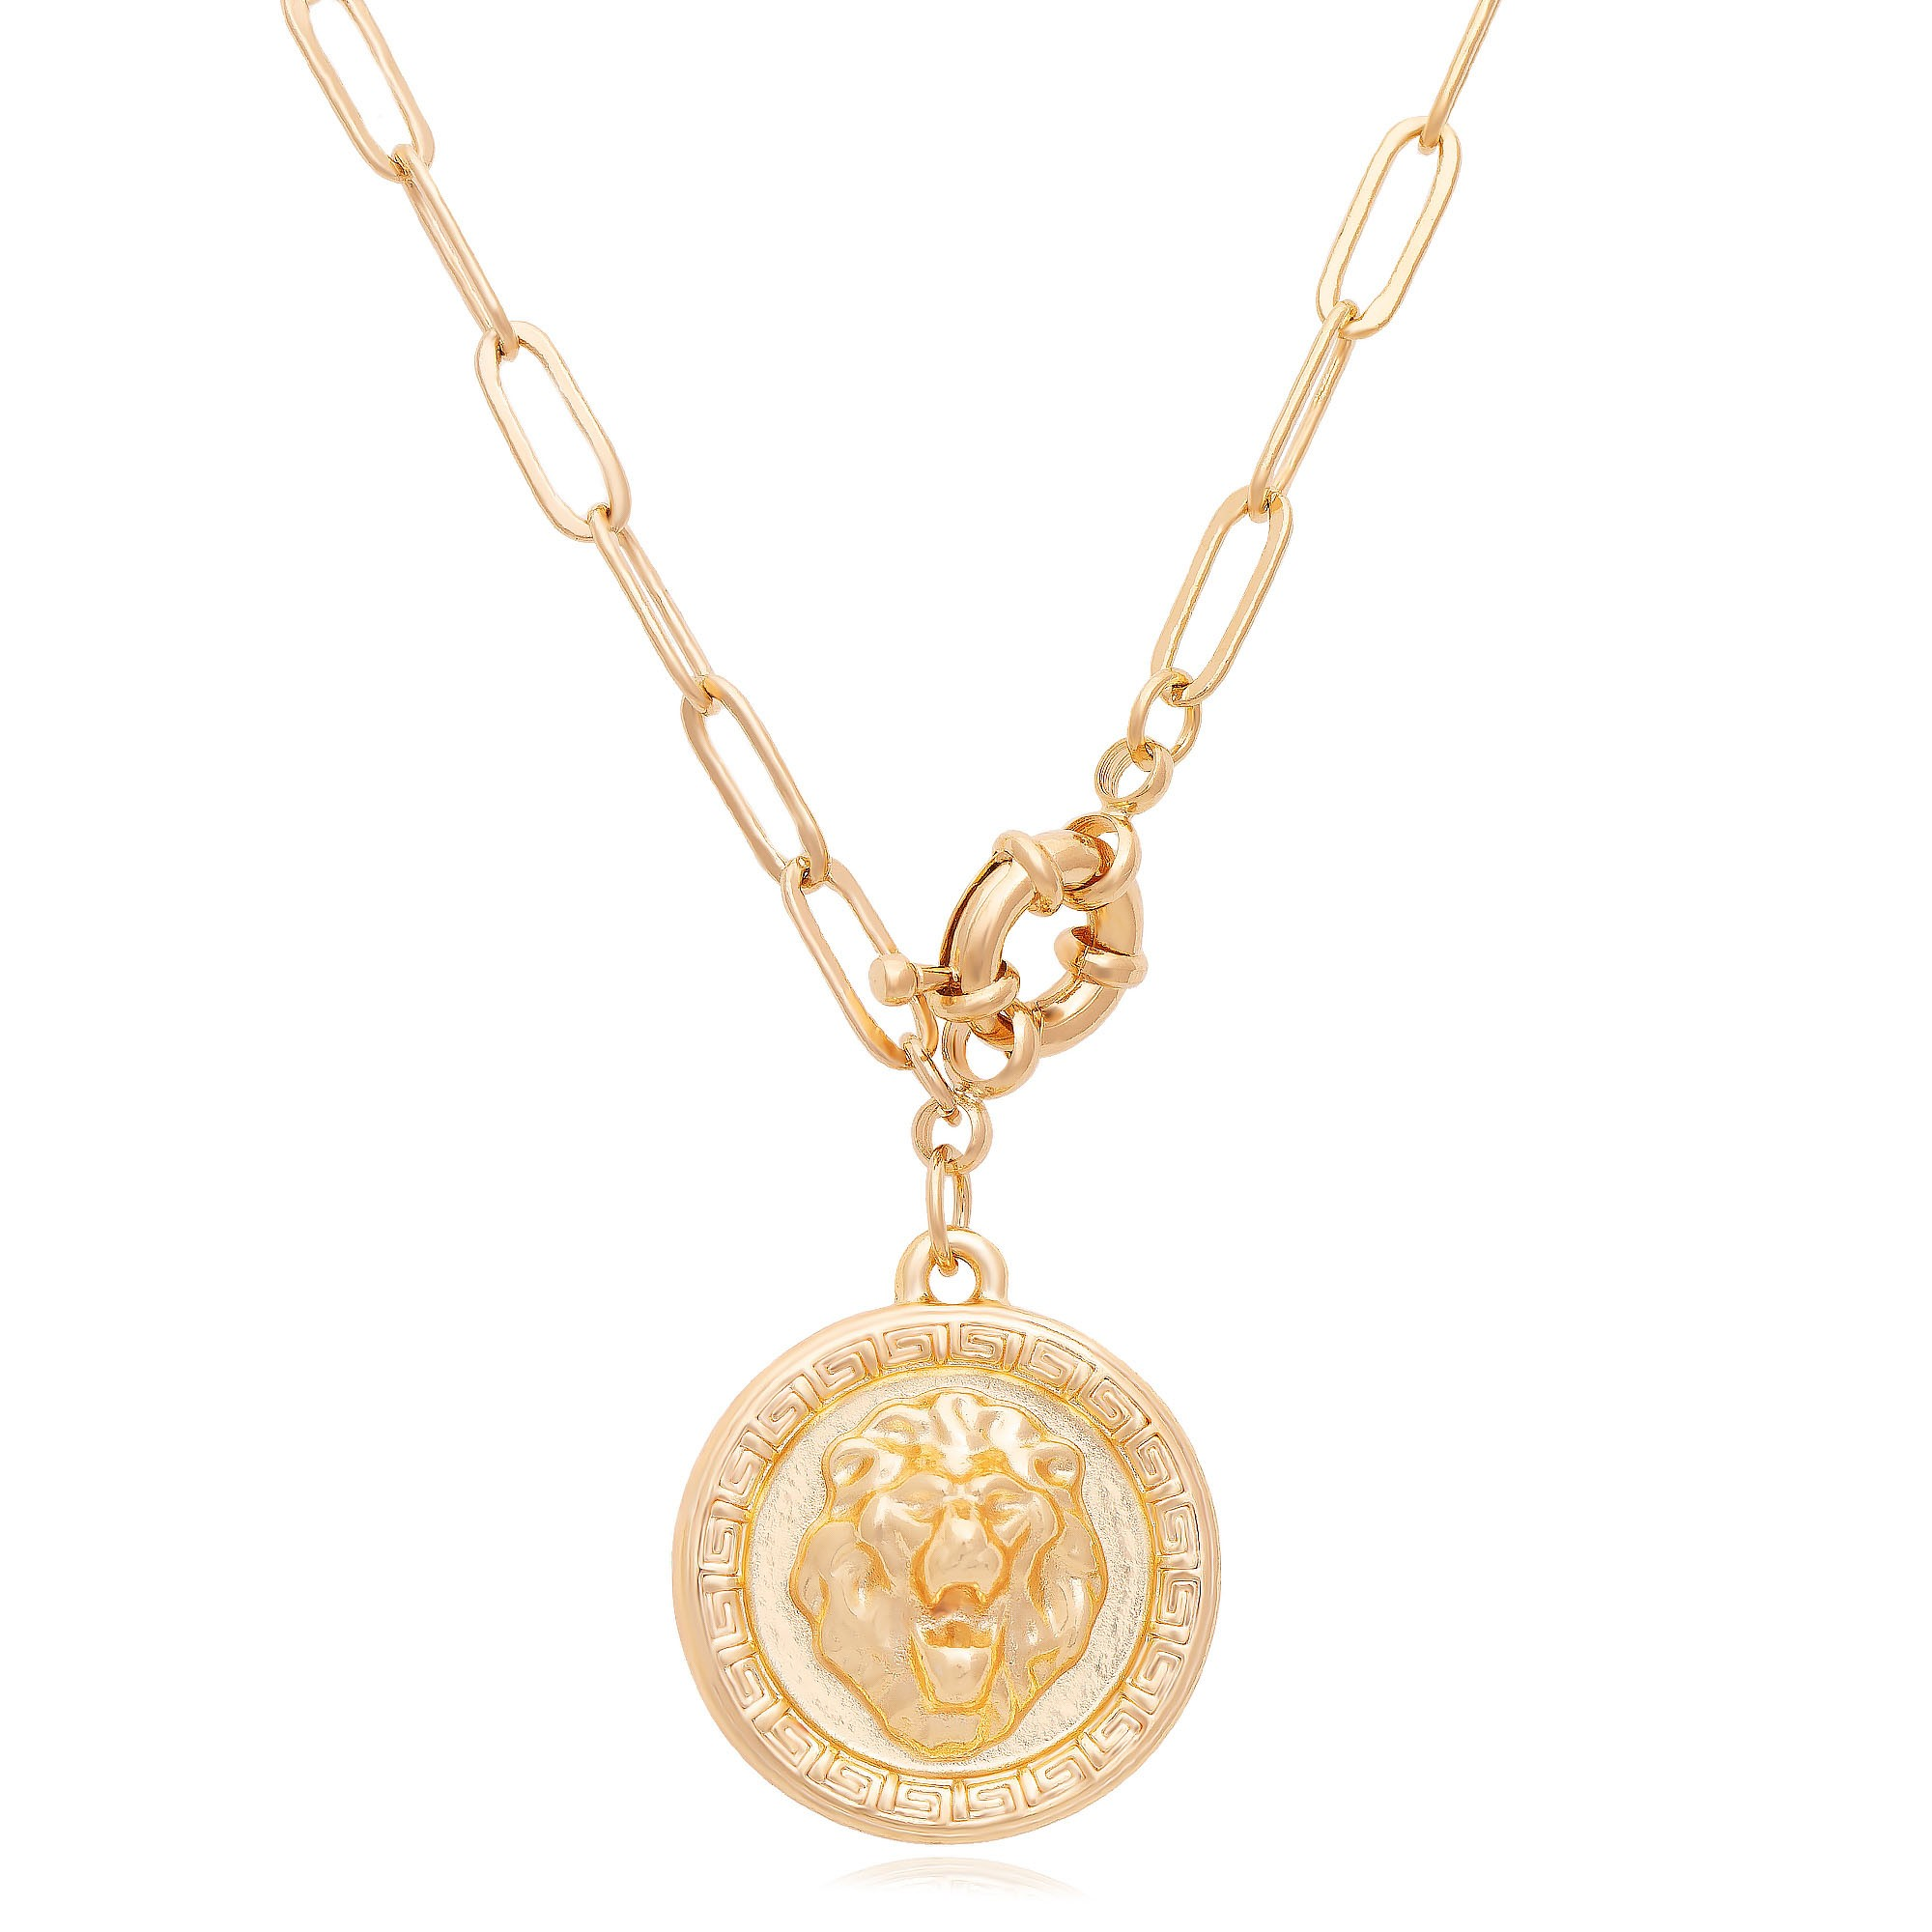 Colar com mandala de leão banhado a ouro 18K  - romabrazil.com.br